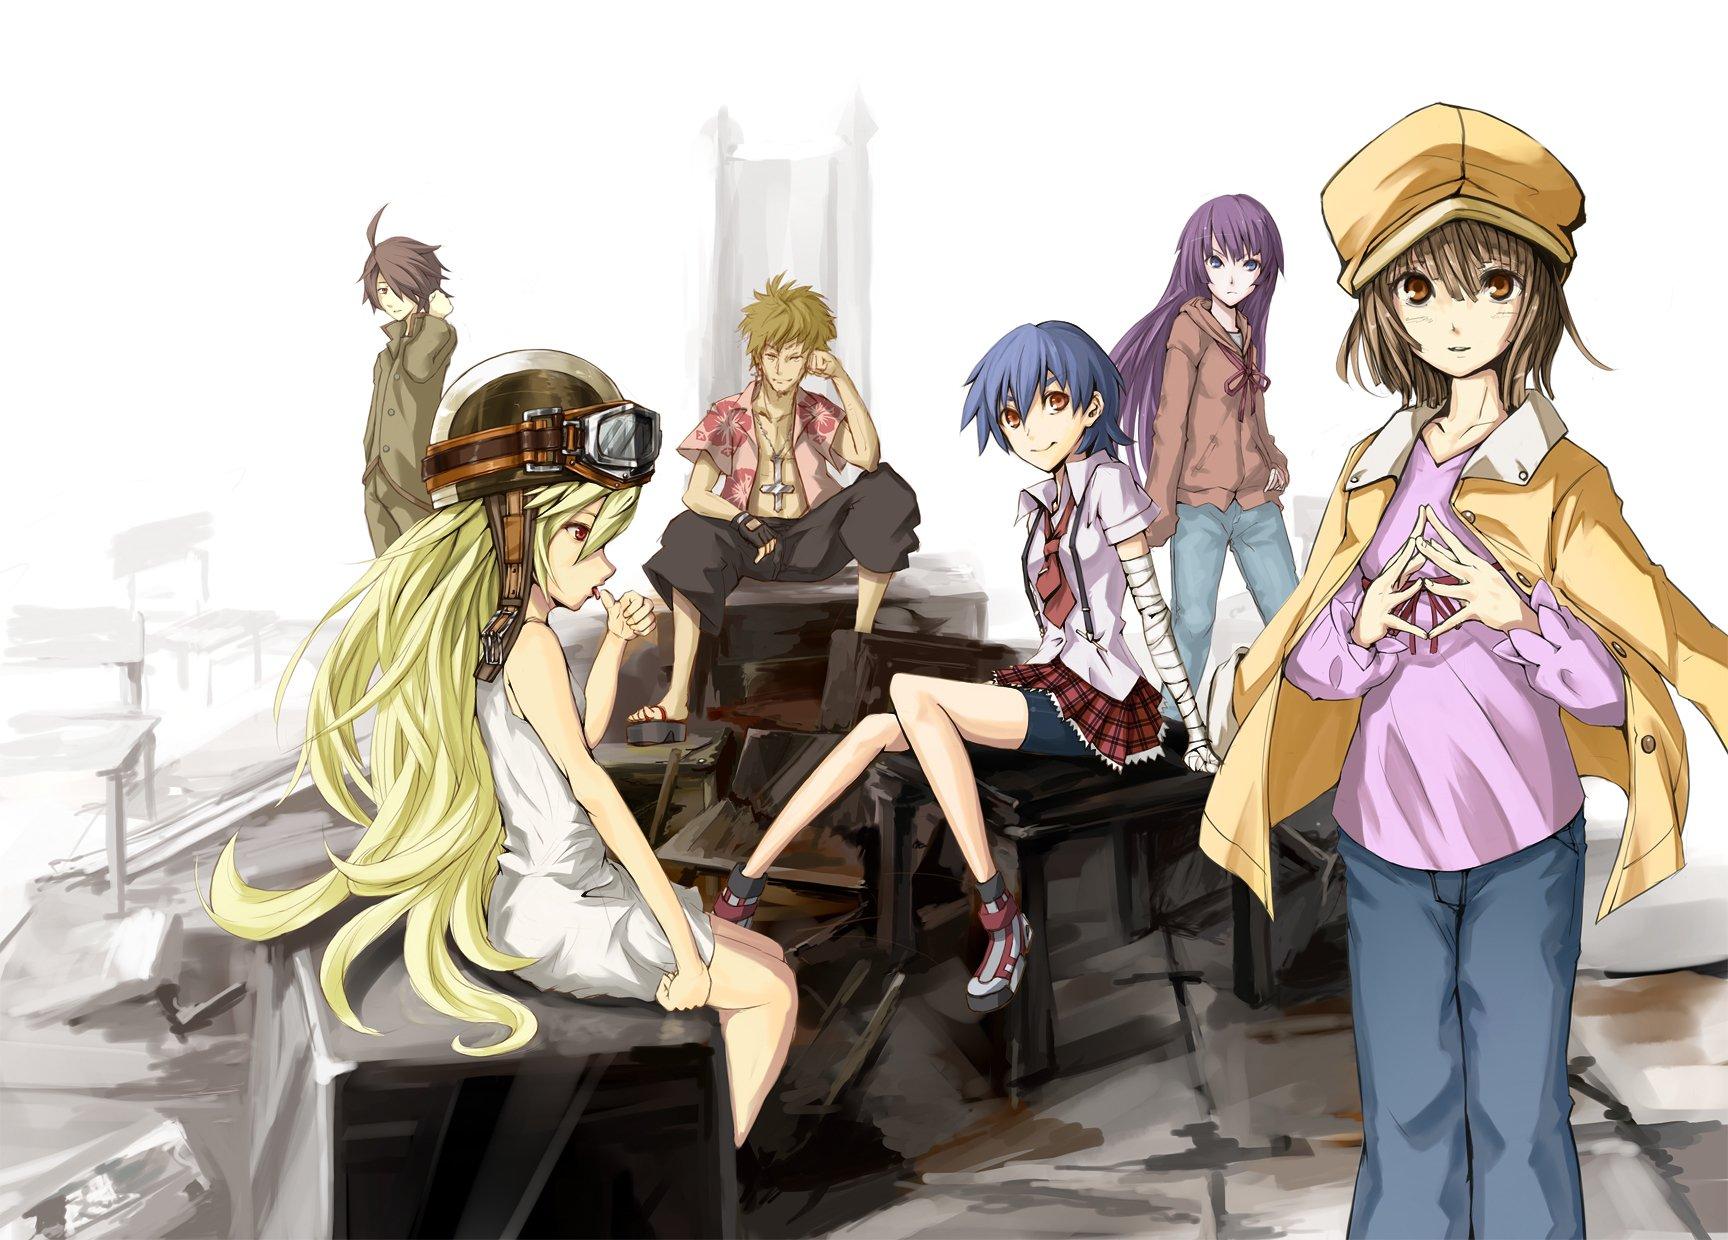 Anime - Monogatari (Series)  Koyomi Araragi Shinobu Oshino Meme Oshino Suruga Kanbaru Hitagi Senjōgahara Nadeko Sengoku Wallpaper